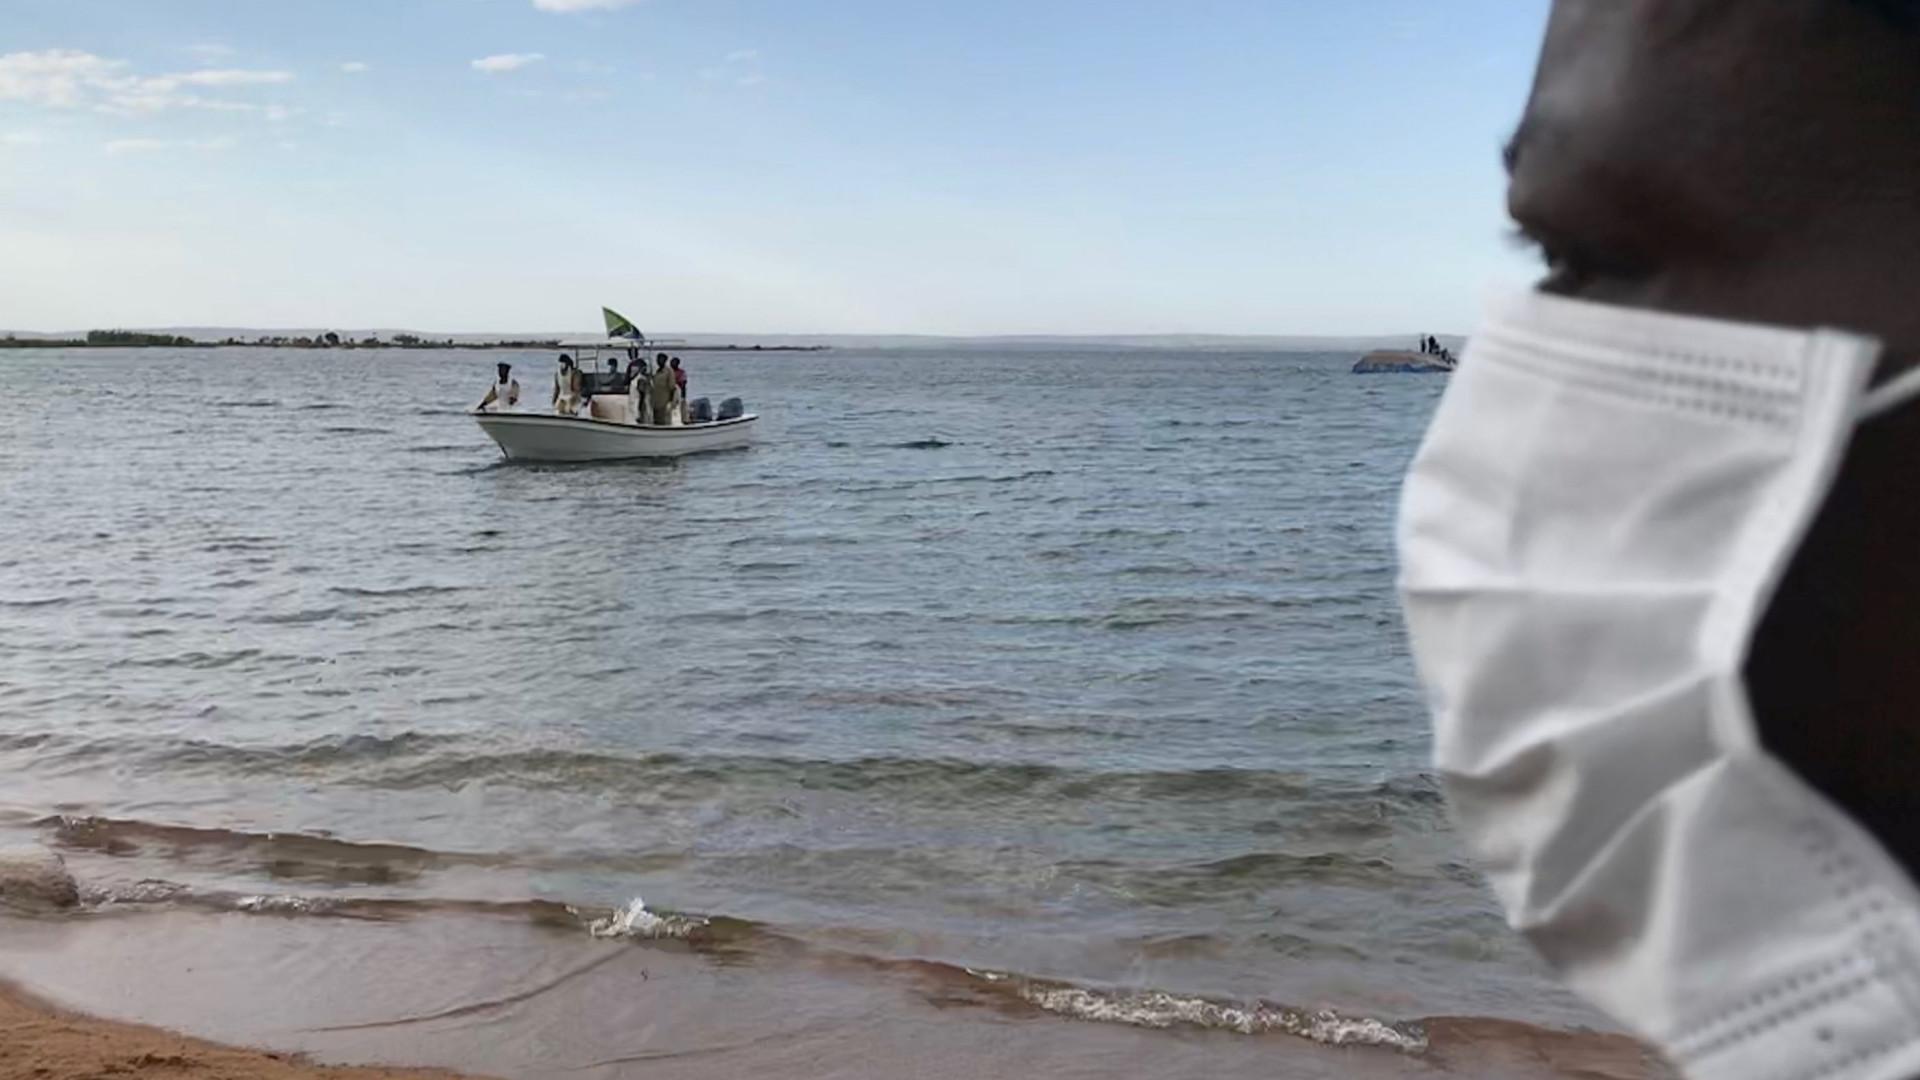 Balanço de mortos em naufrágio sobe para 207 na Tanzânia